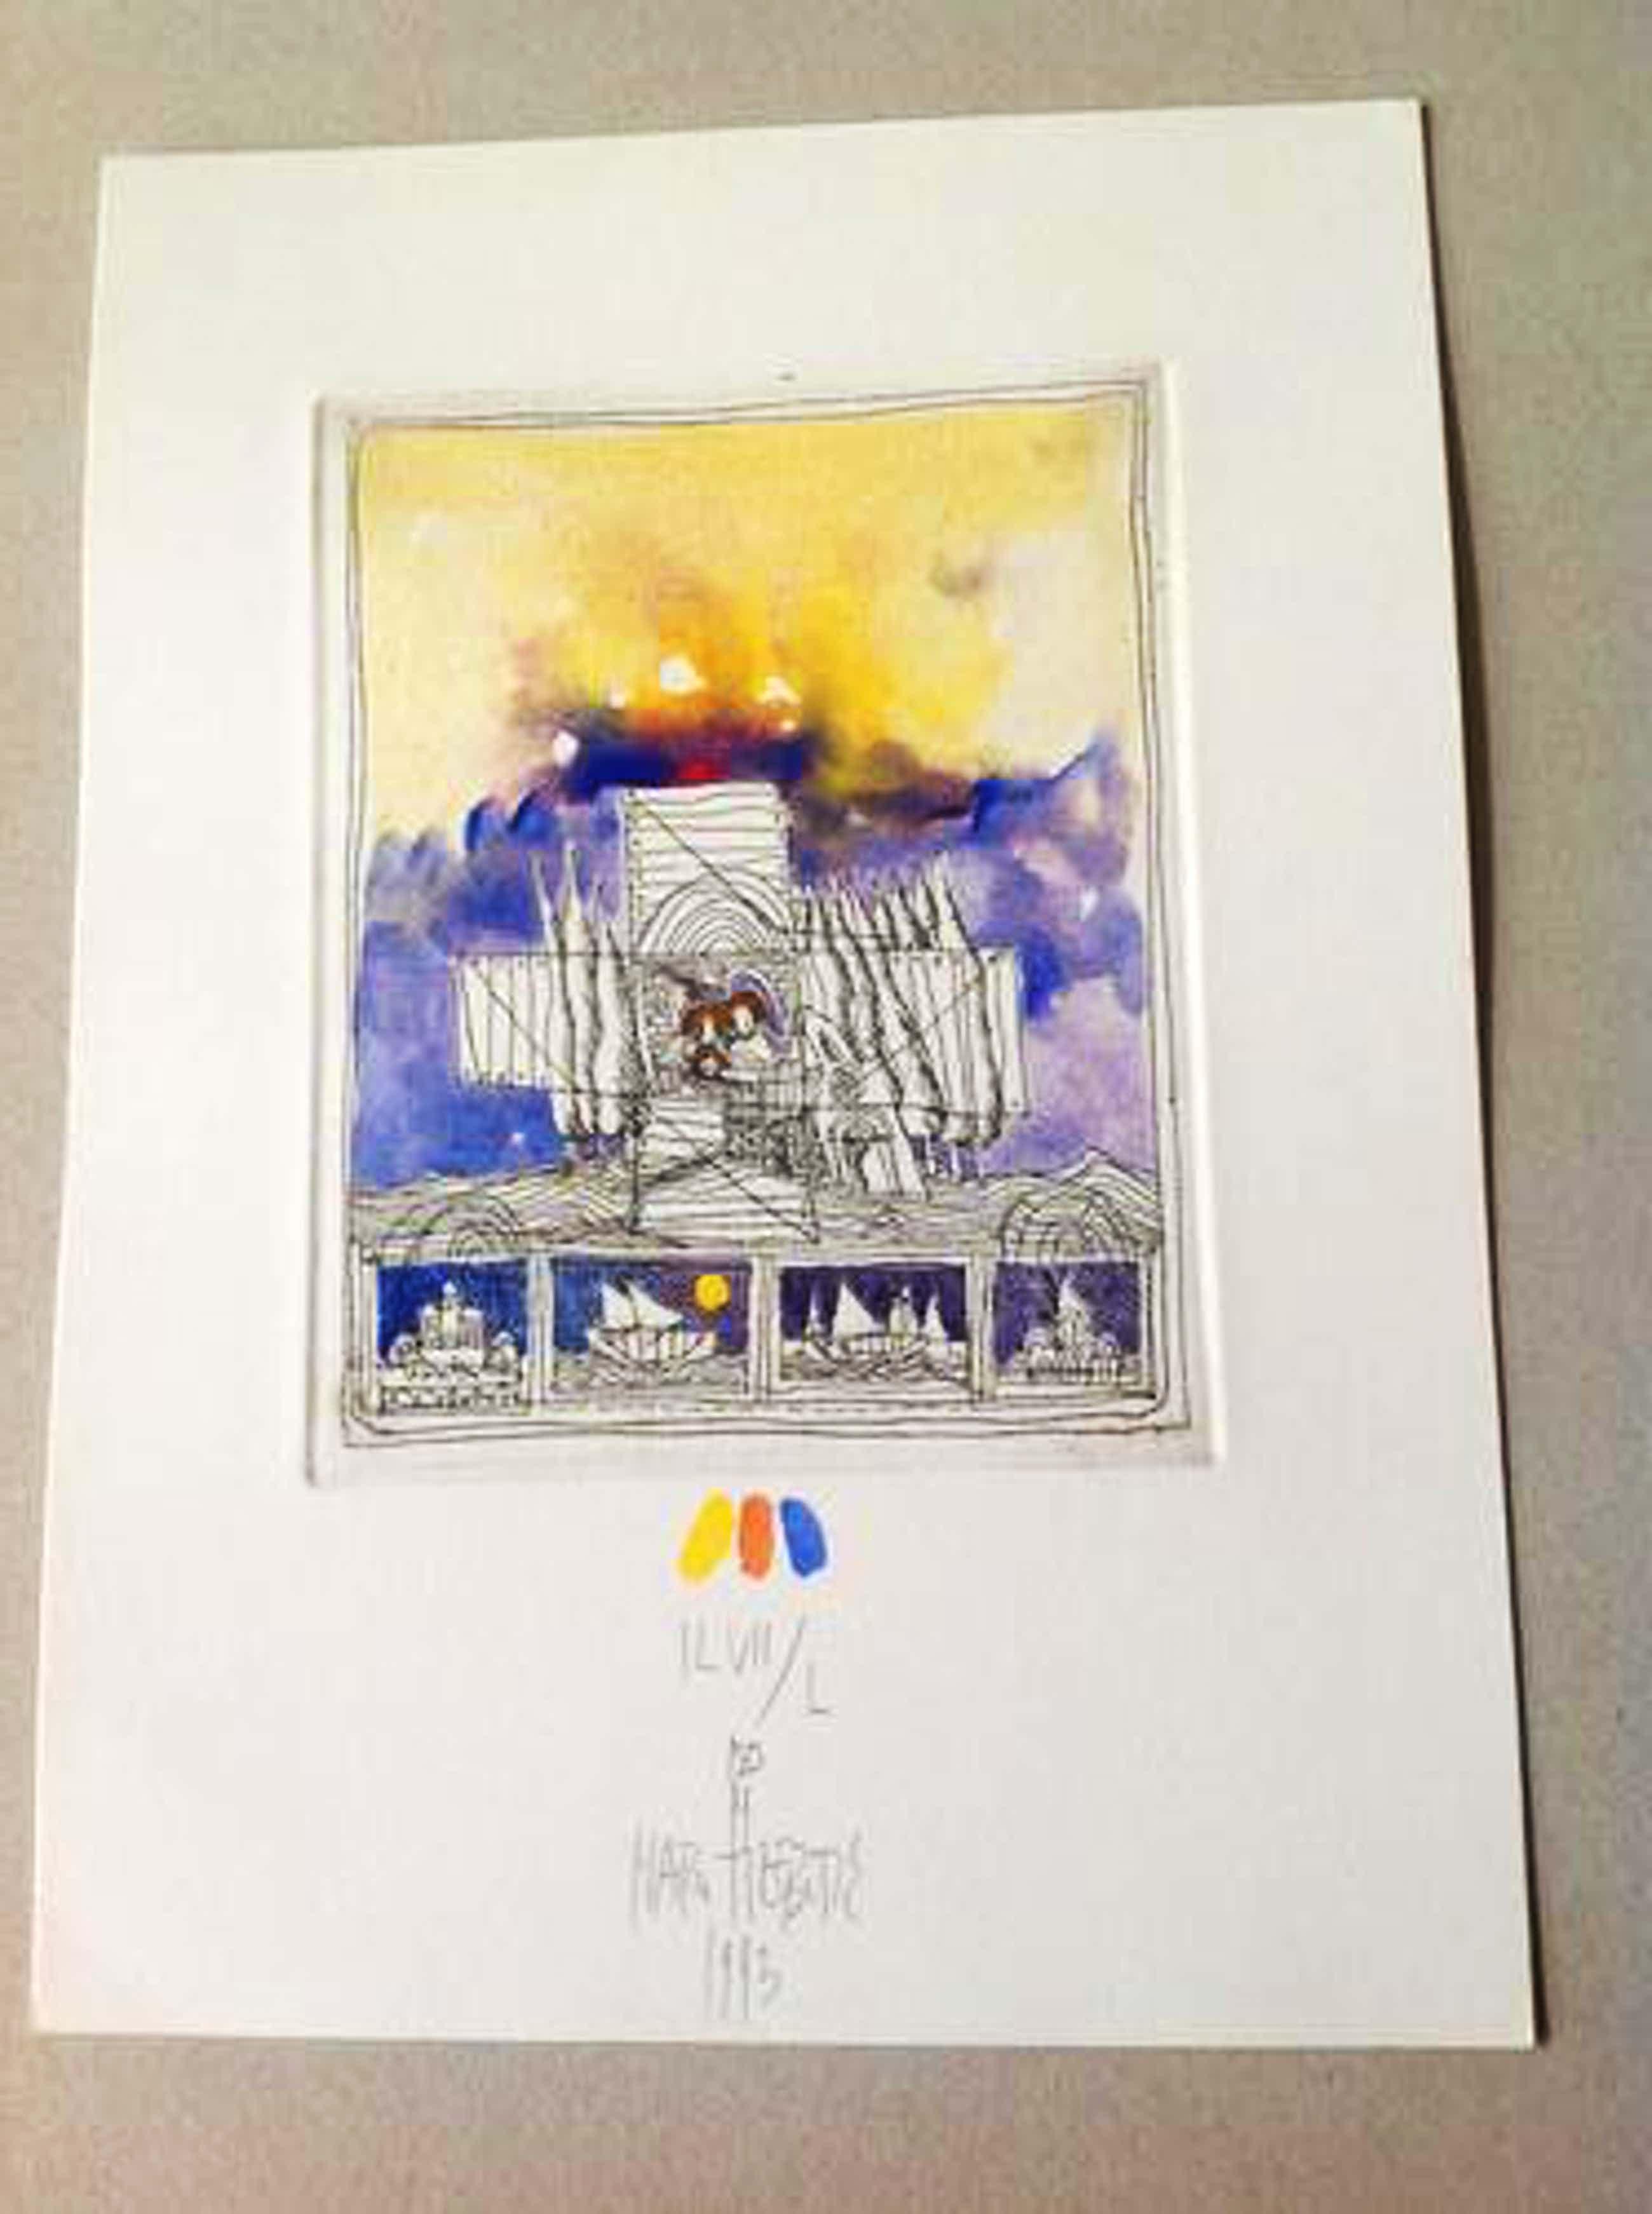 Matko Trebotic - O.T., 1993, Radierung/Aquarellfarben, handsigniert kopen? Bied vanaf 79!